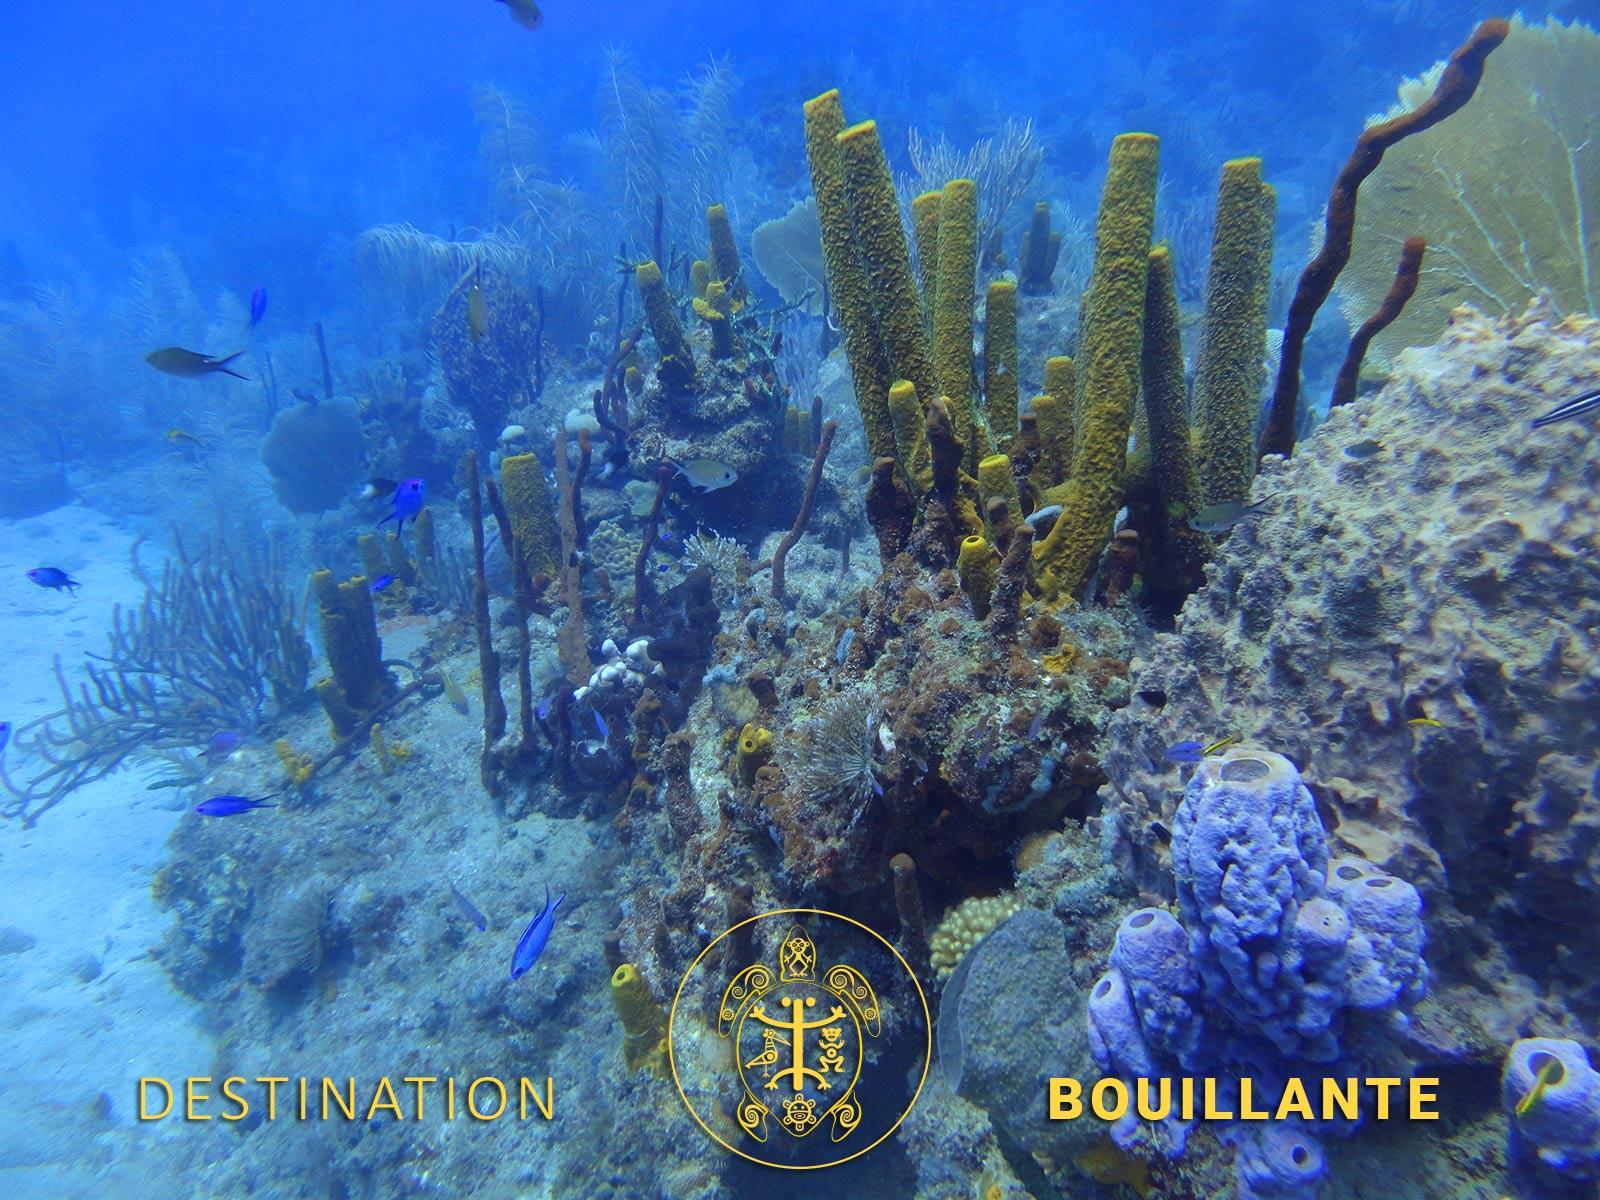 Plongée Anse du Dépôt - Bouillante